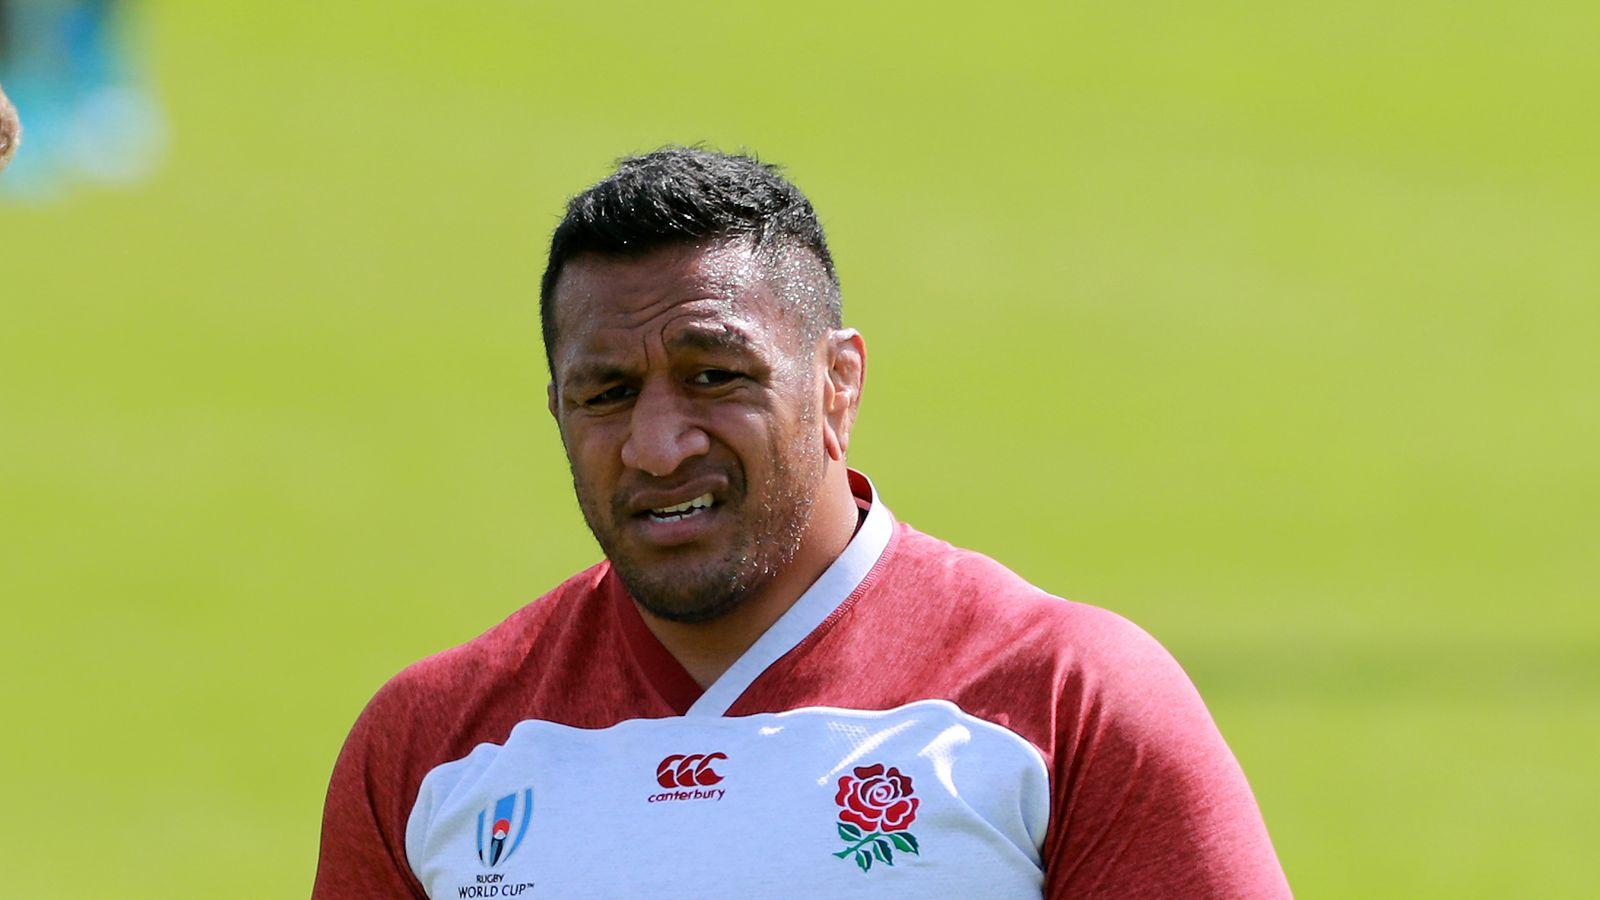 Seis Naciones: Mako Vunipola y Anthony Watson vuelven a Inglaterra, Jack Maunder llamado | Noticias de la Unión de Rugby 65